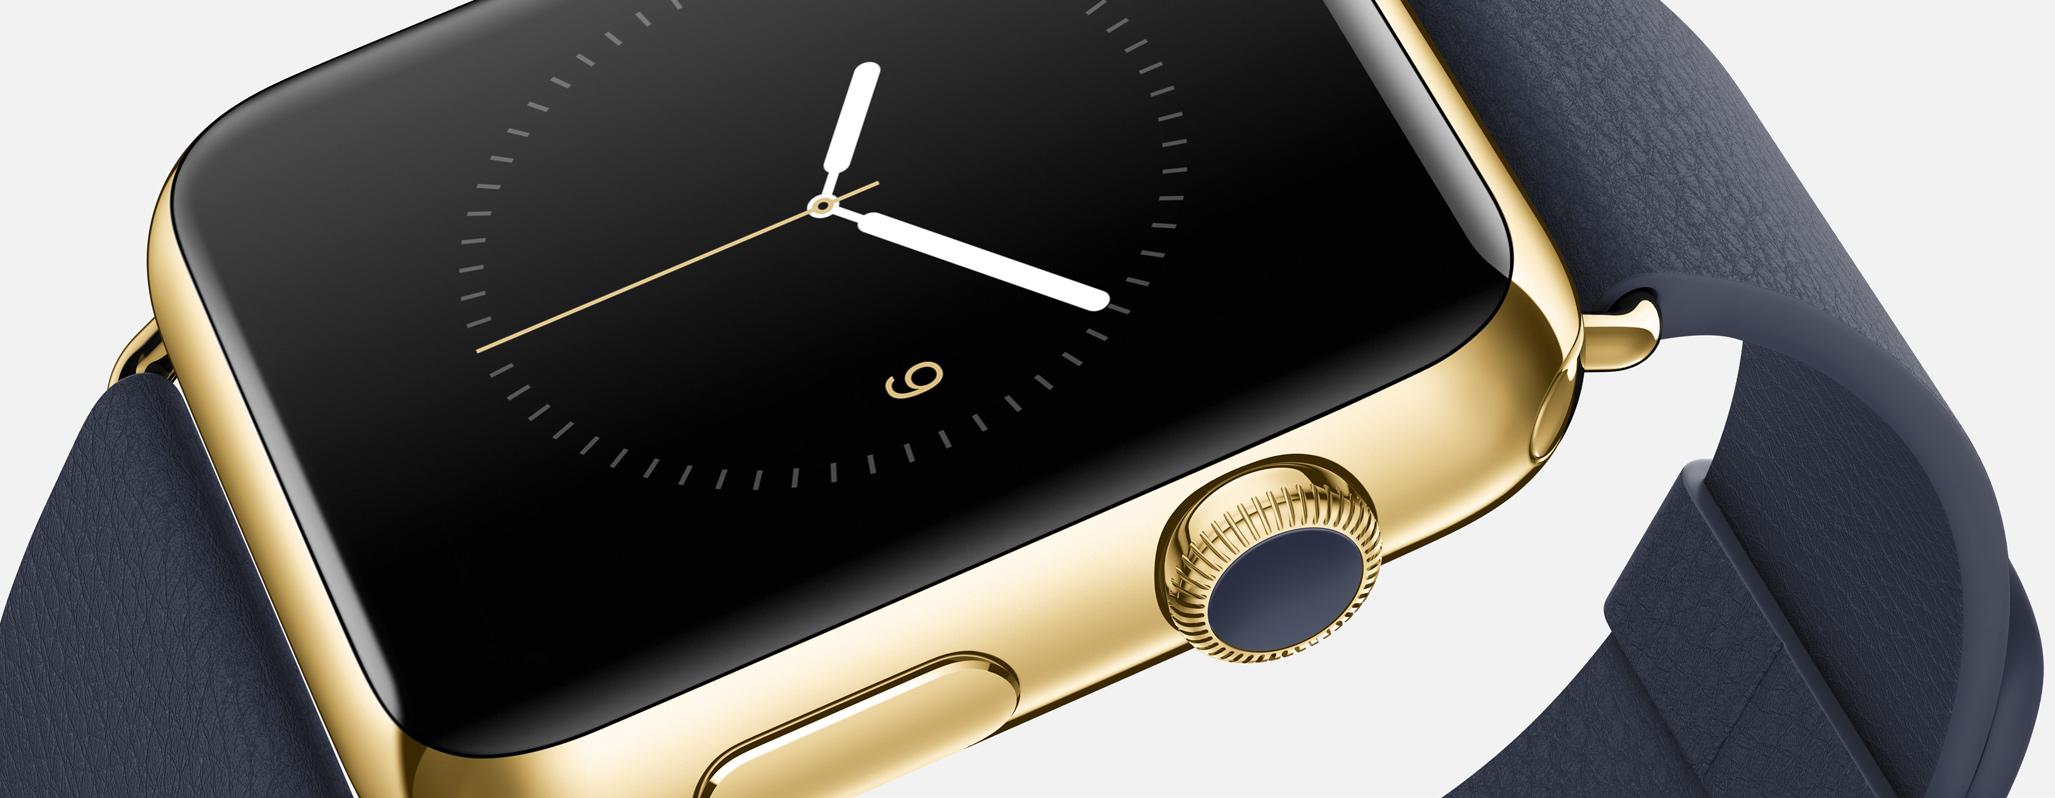 Apple Watch: первый взгляд